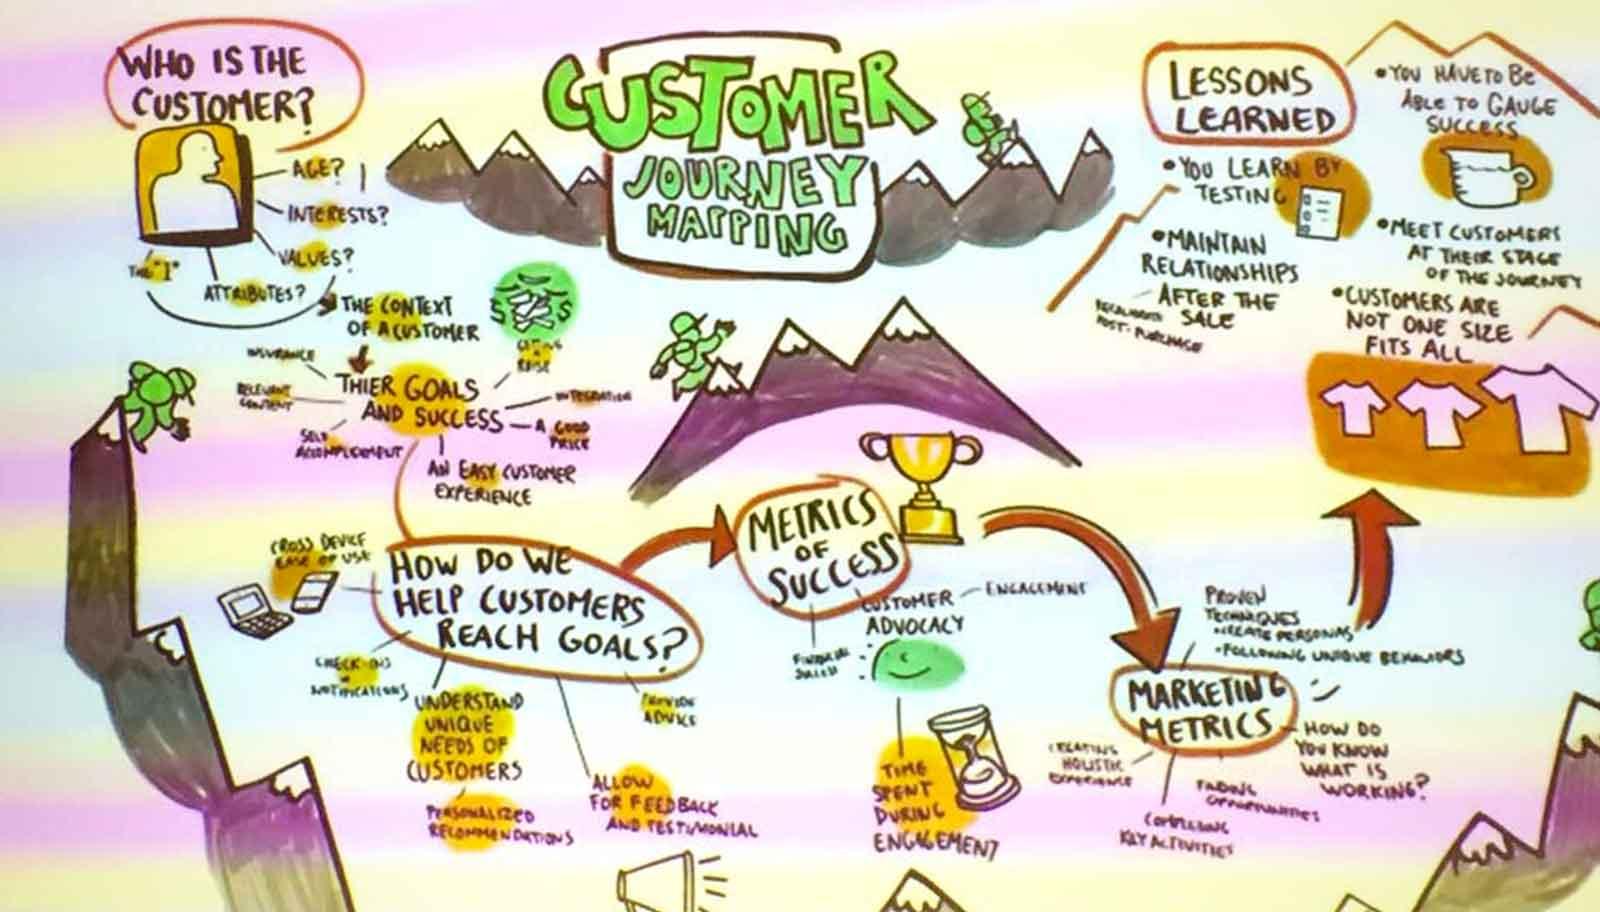 Buyer's Journey: il Viaggio del Cliente